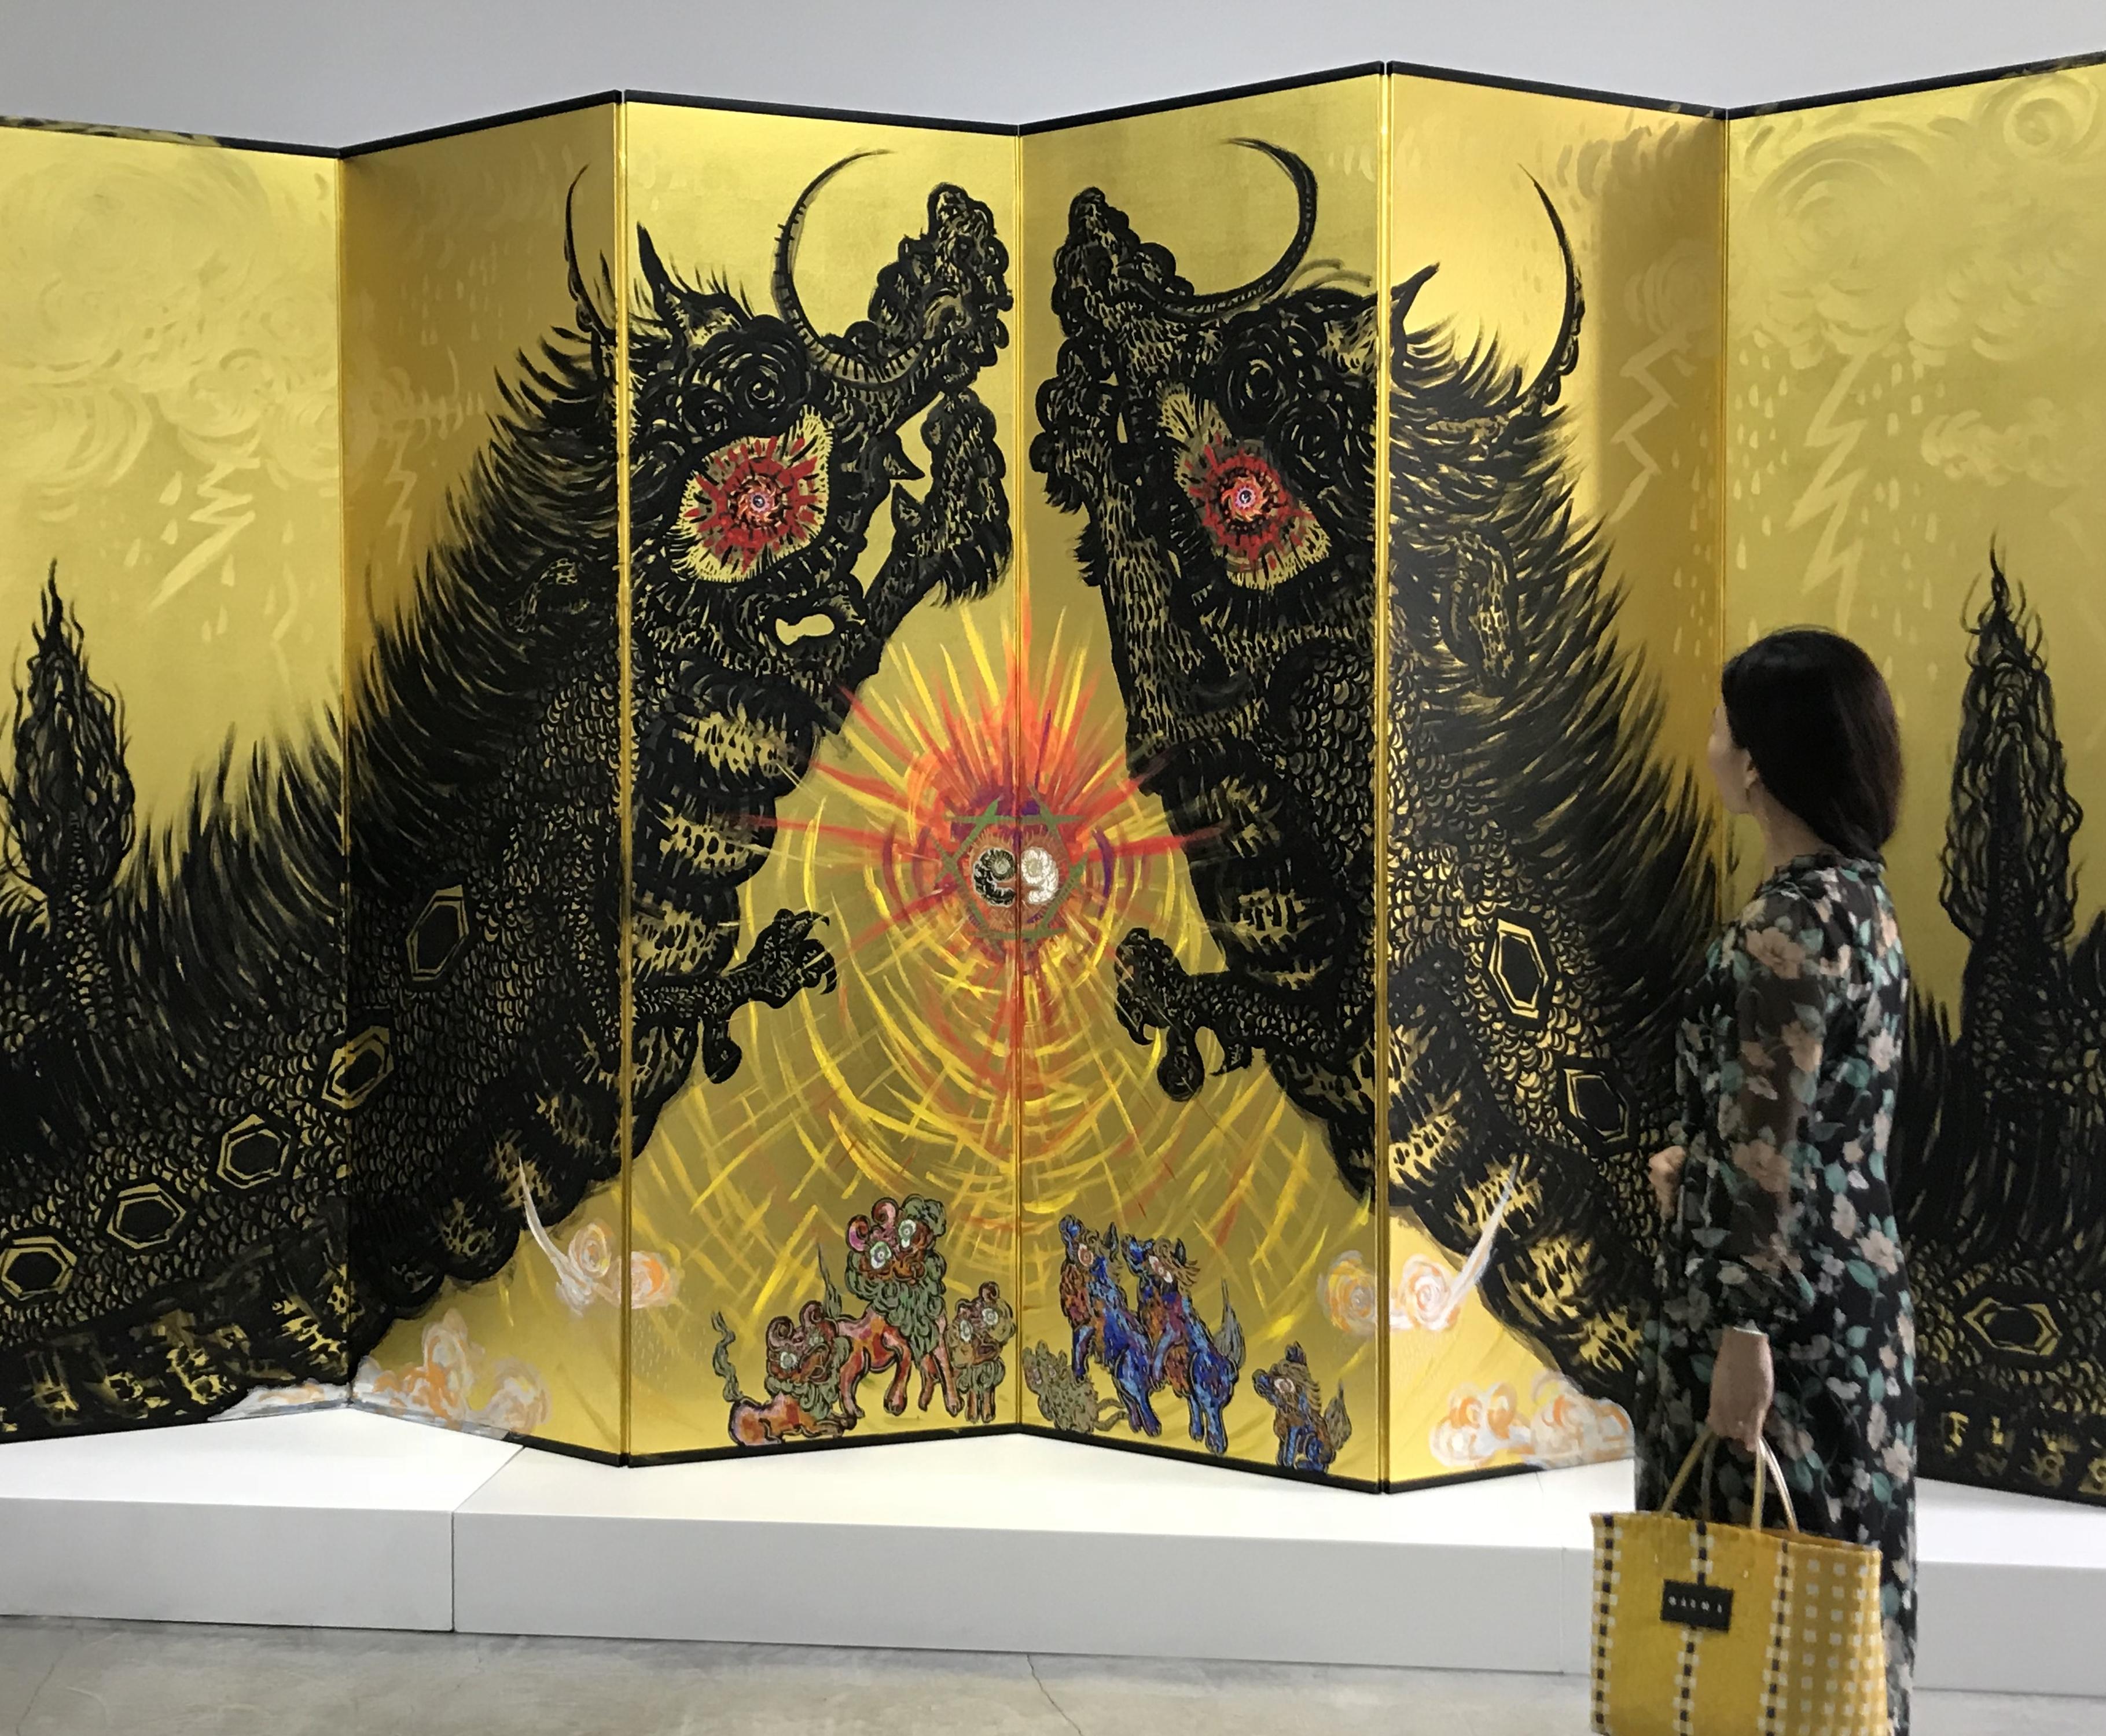 芸術の秋は小松美羽さんの展覧会へ☺︎